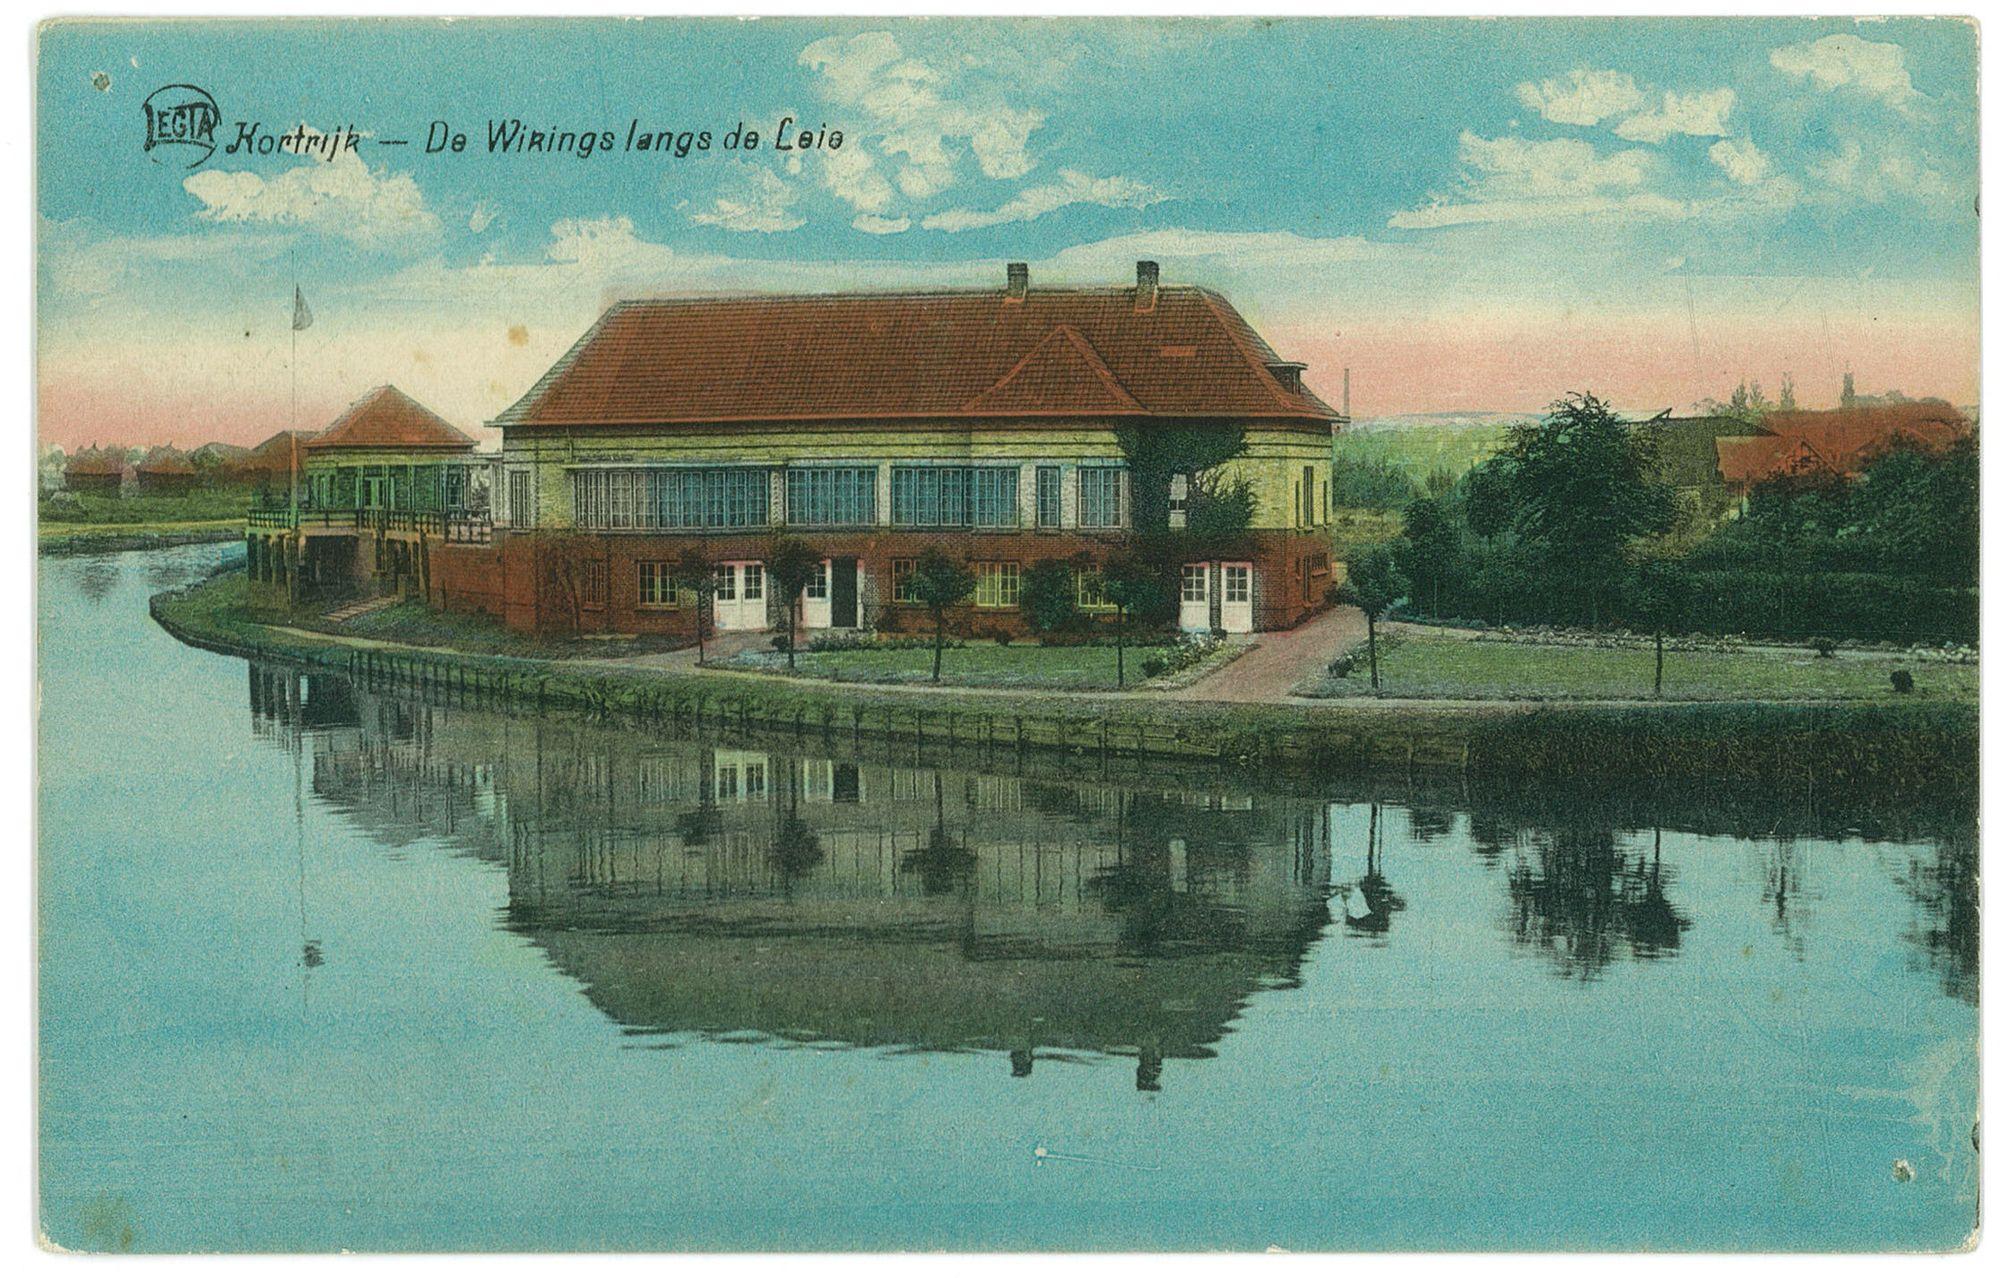 Gebouw van de Wikings